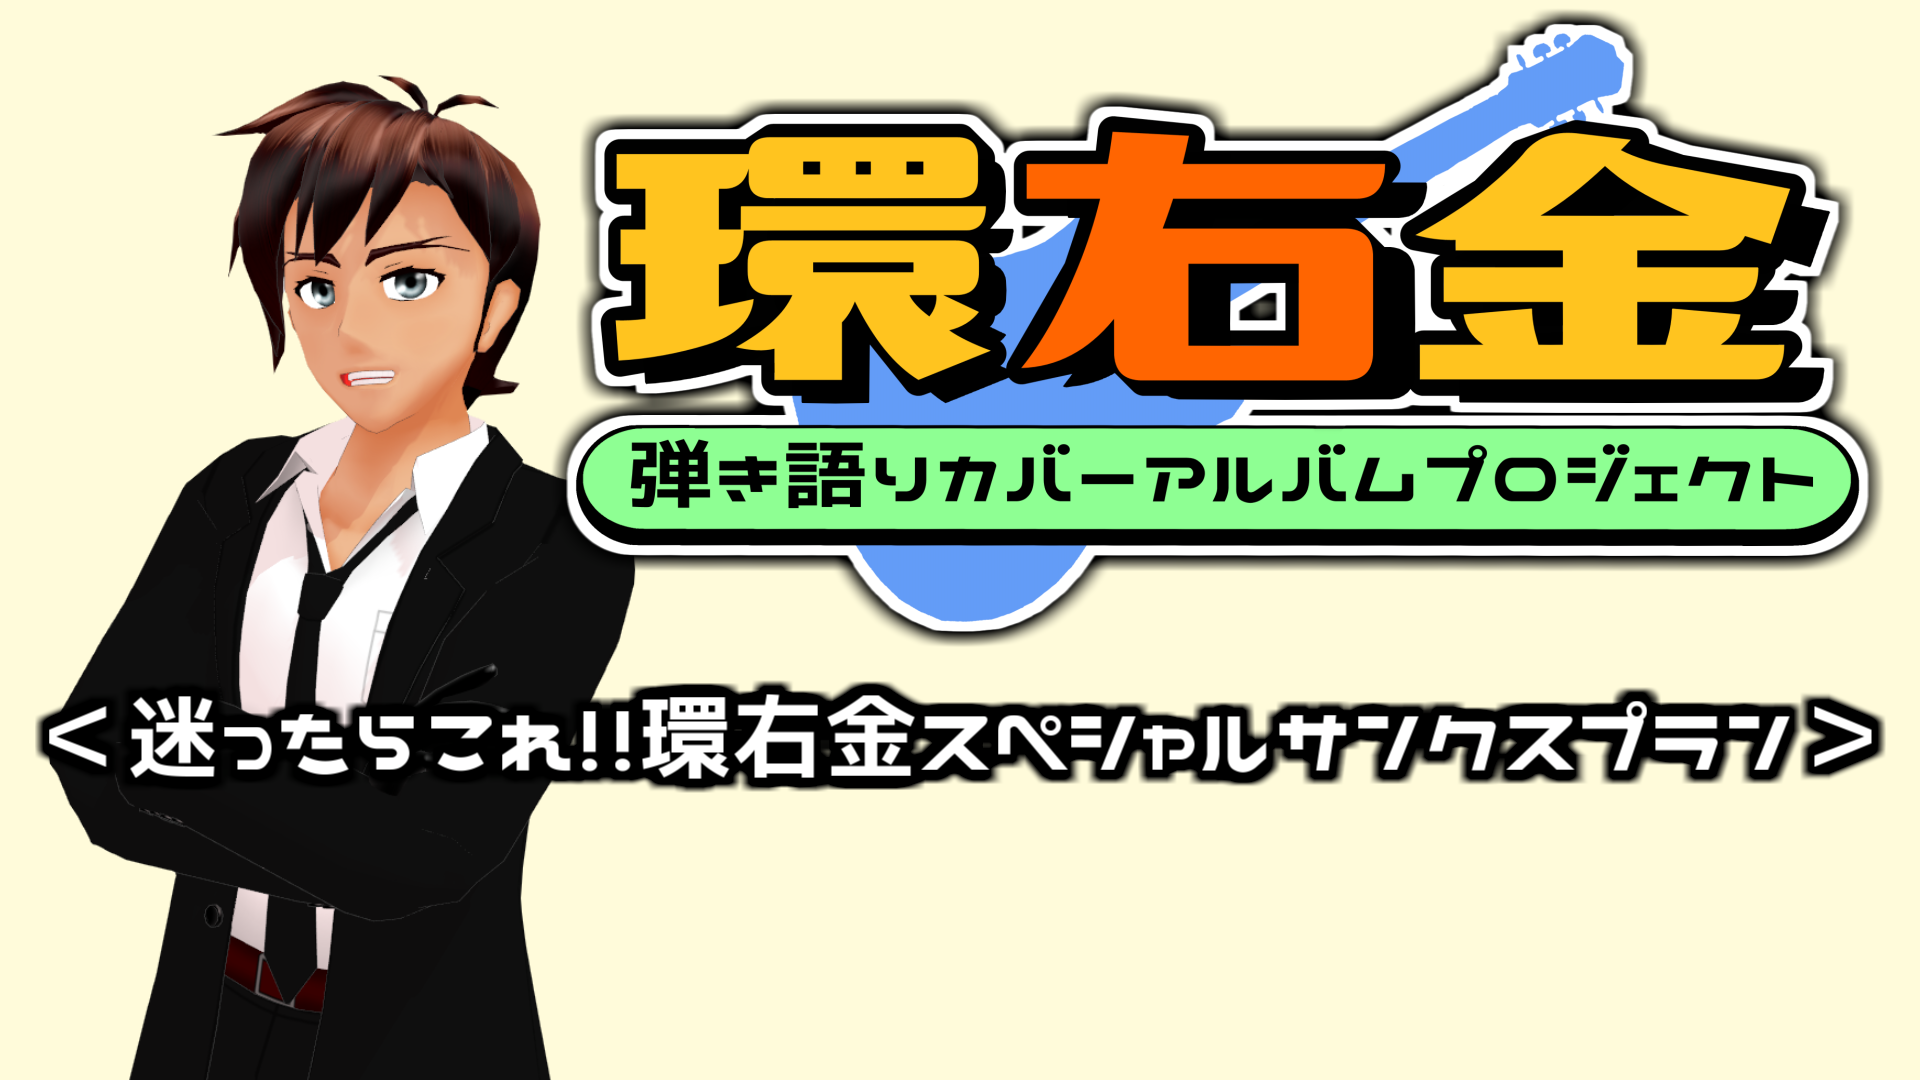 <迷ったらこれ!!環右金スペシャルサンクスプラン>